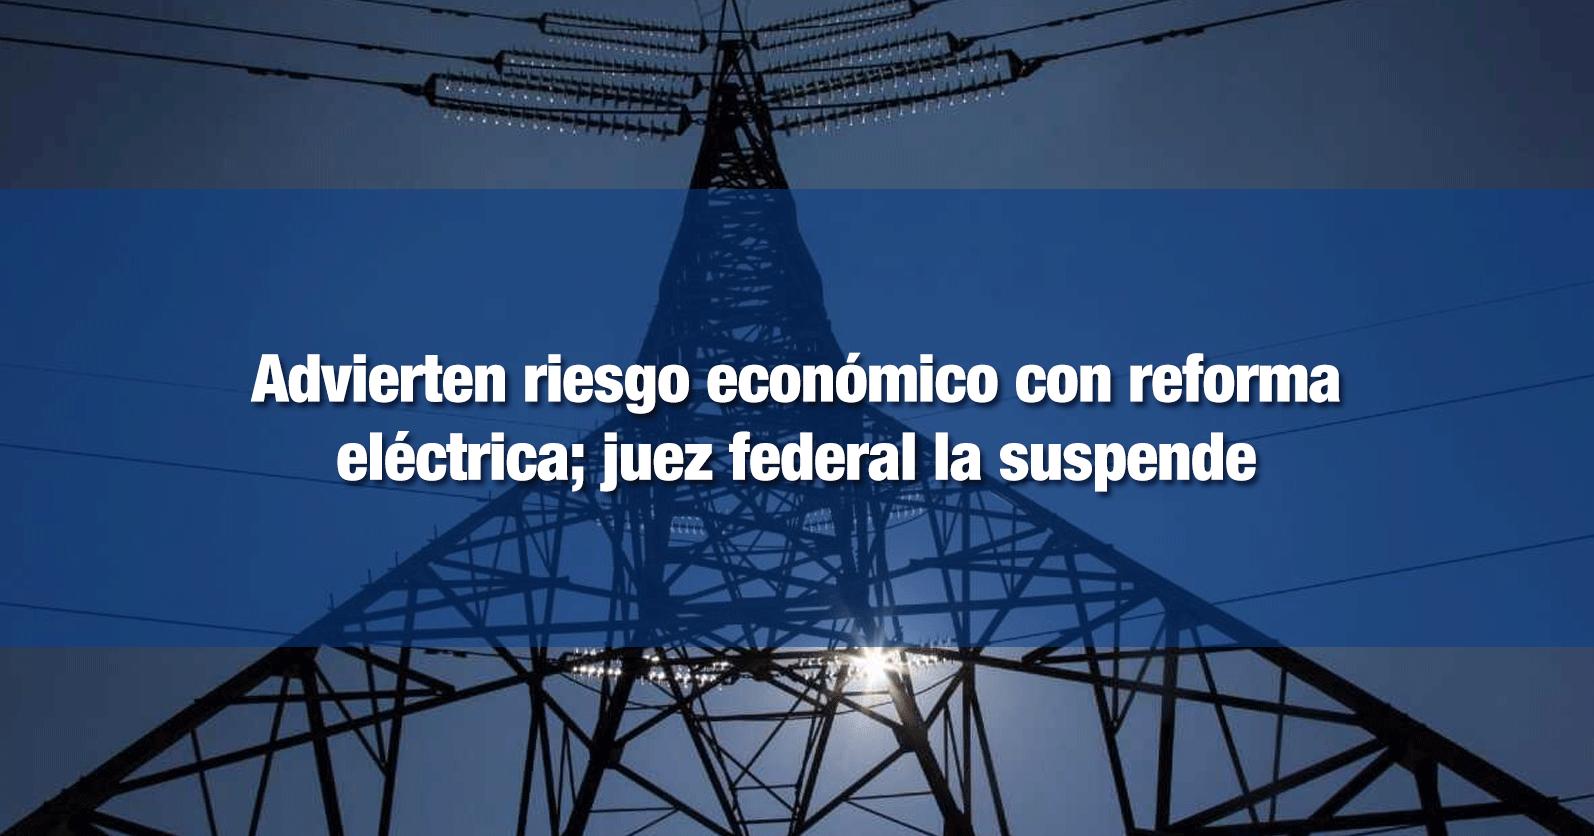 Advierten riesgo económico con reforma eléctrica; juez federal la suspende